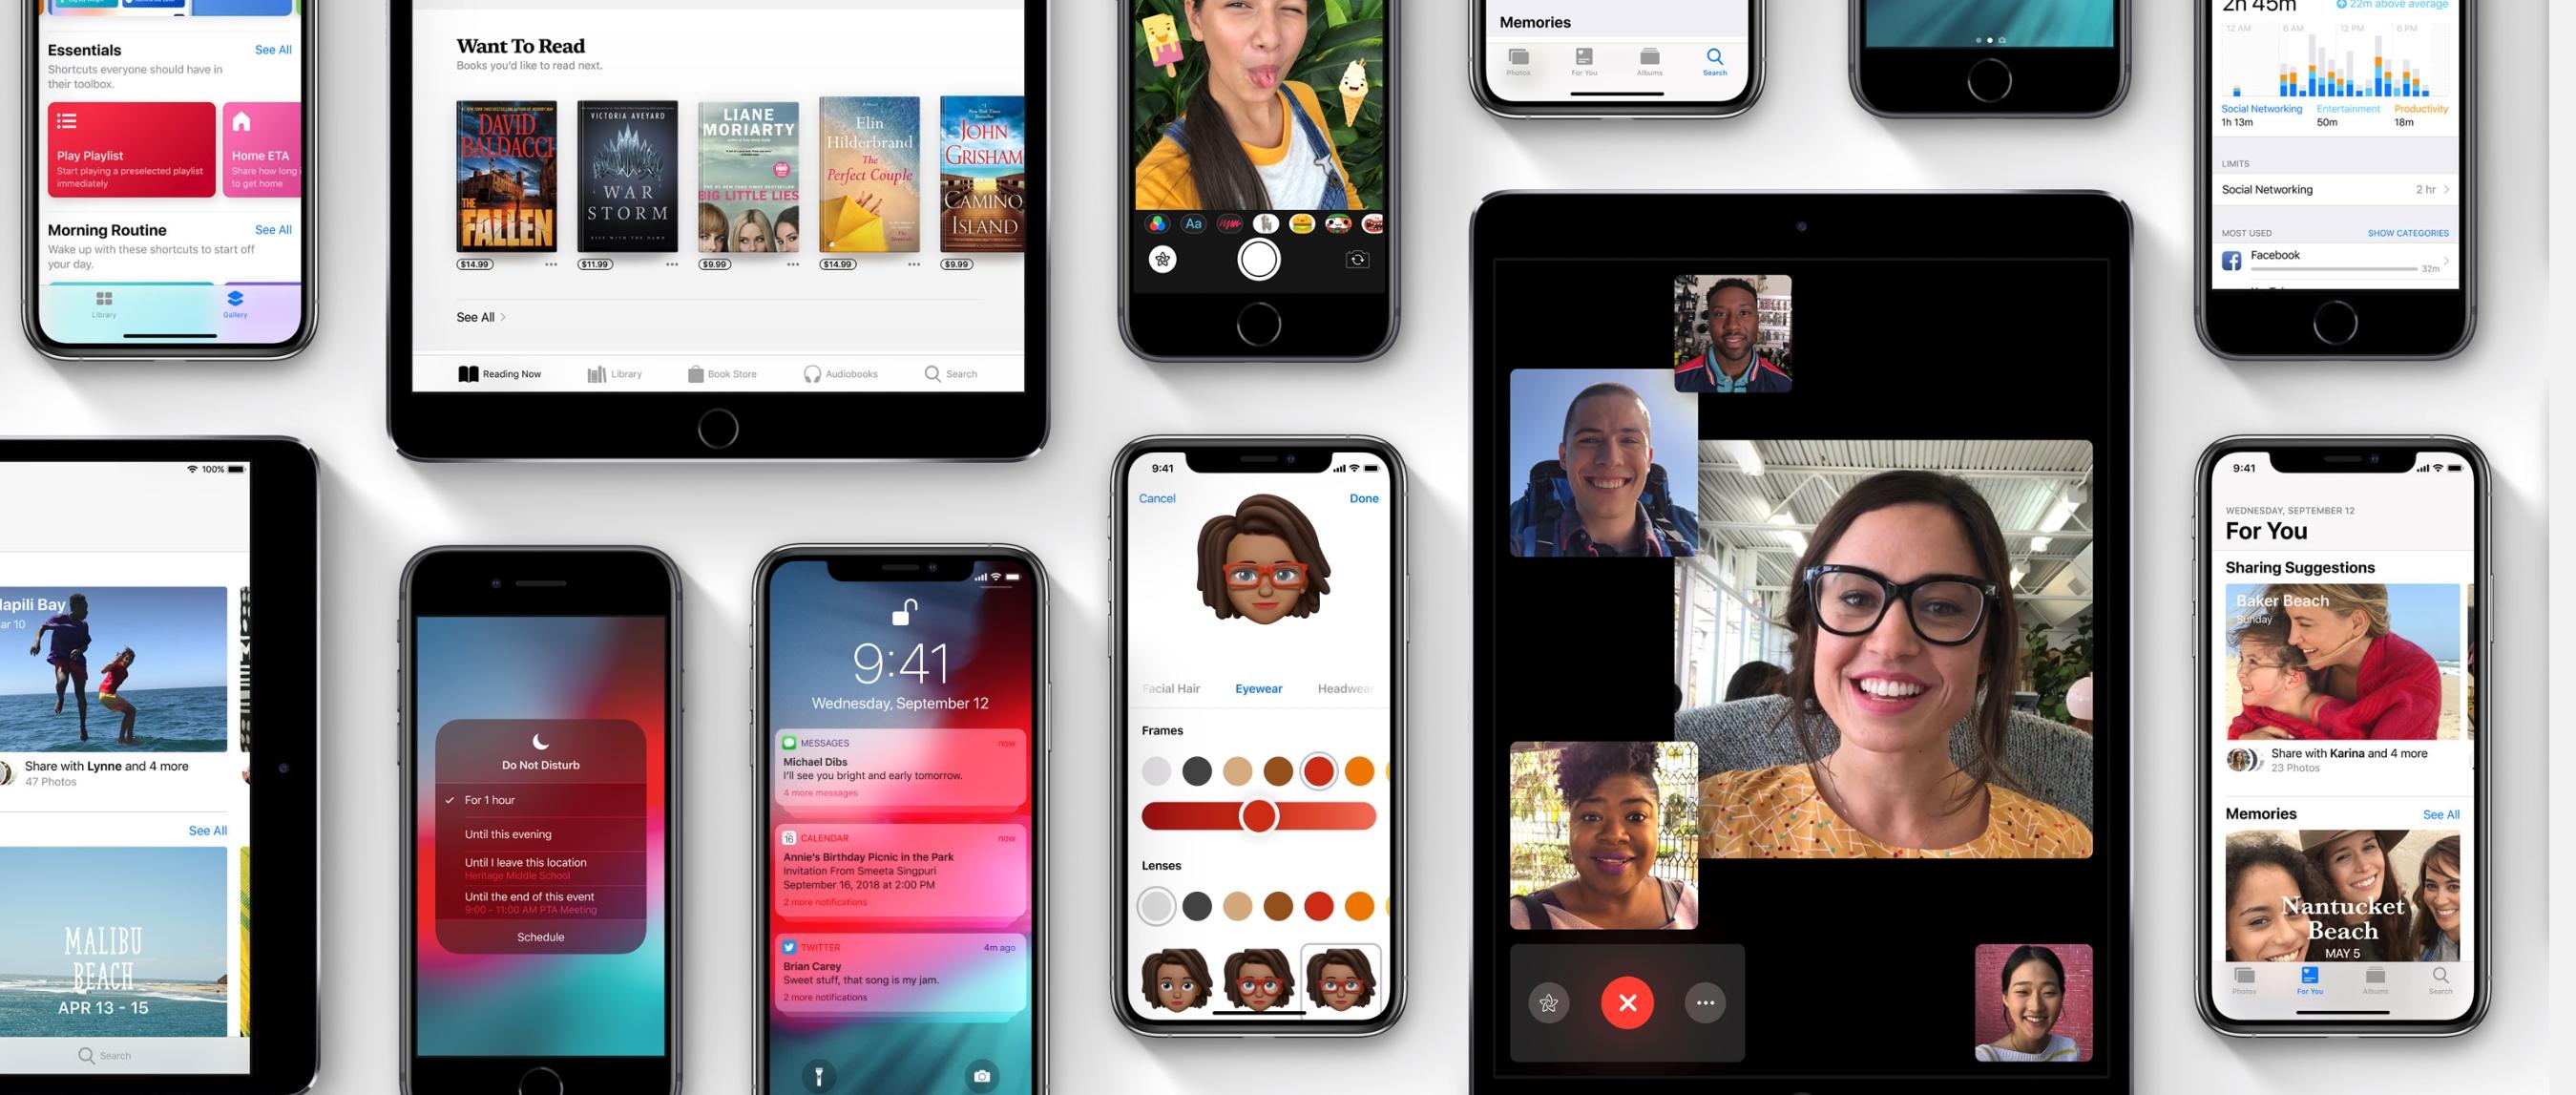 Snart kan du laste ned iOS 12.1 - dette er nytt